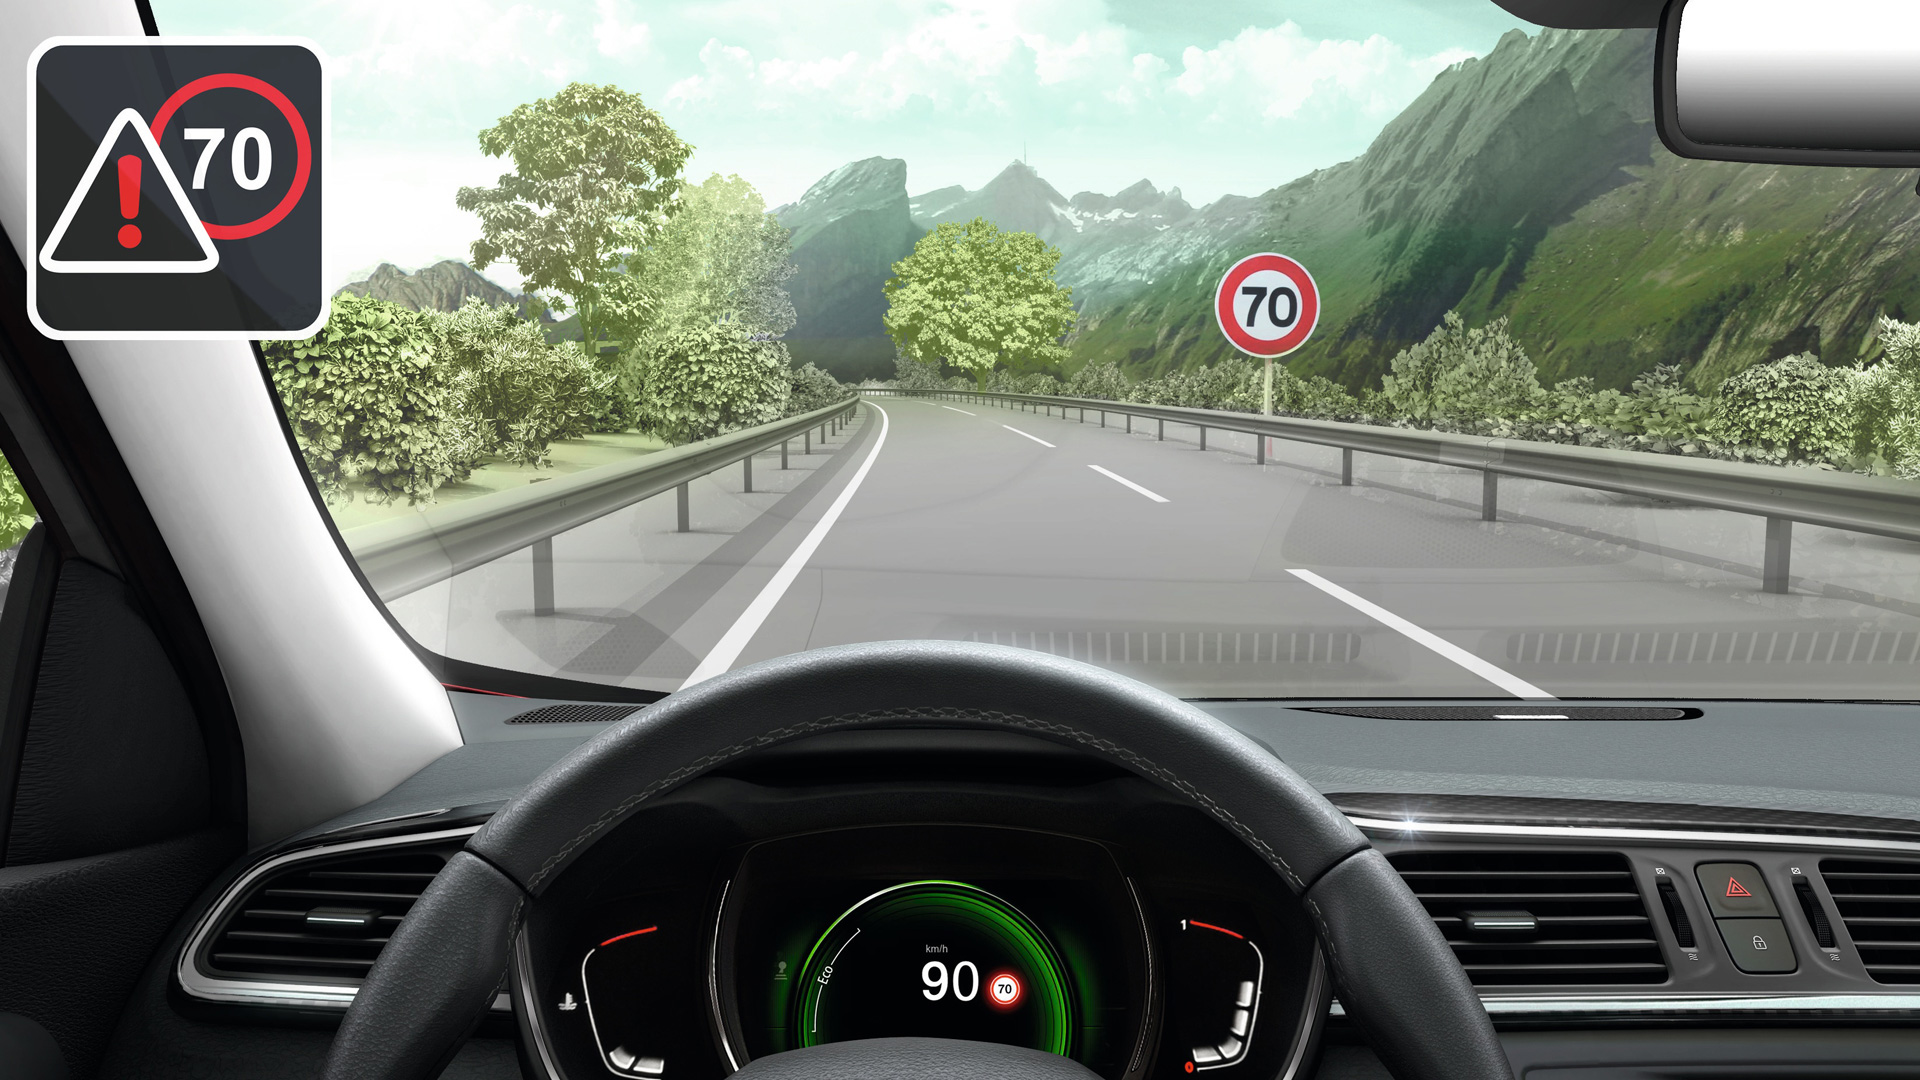 Sistema de control de velocidad inteligente: regulador de velocidad adaptativo ISA